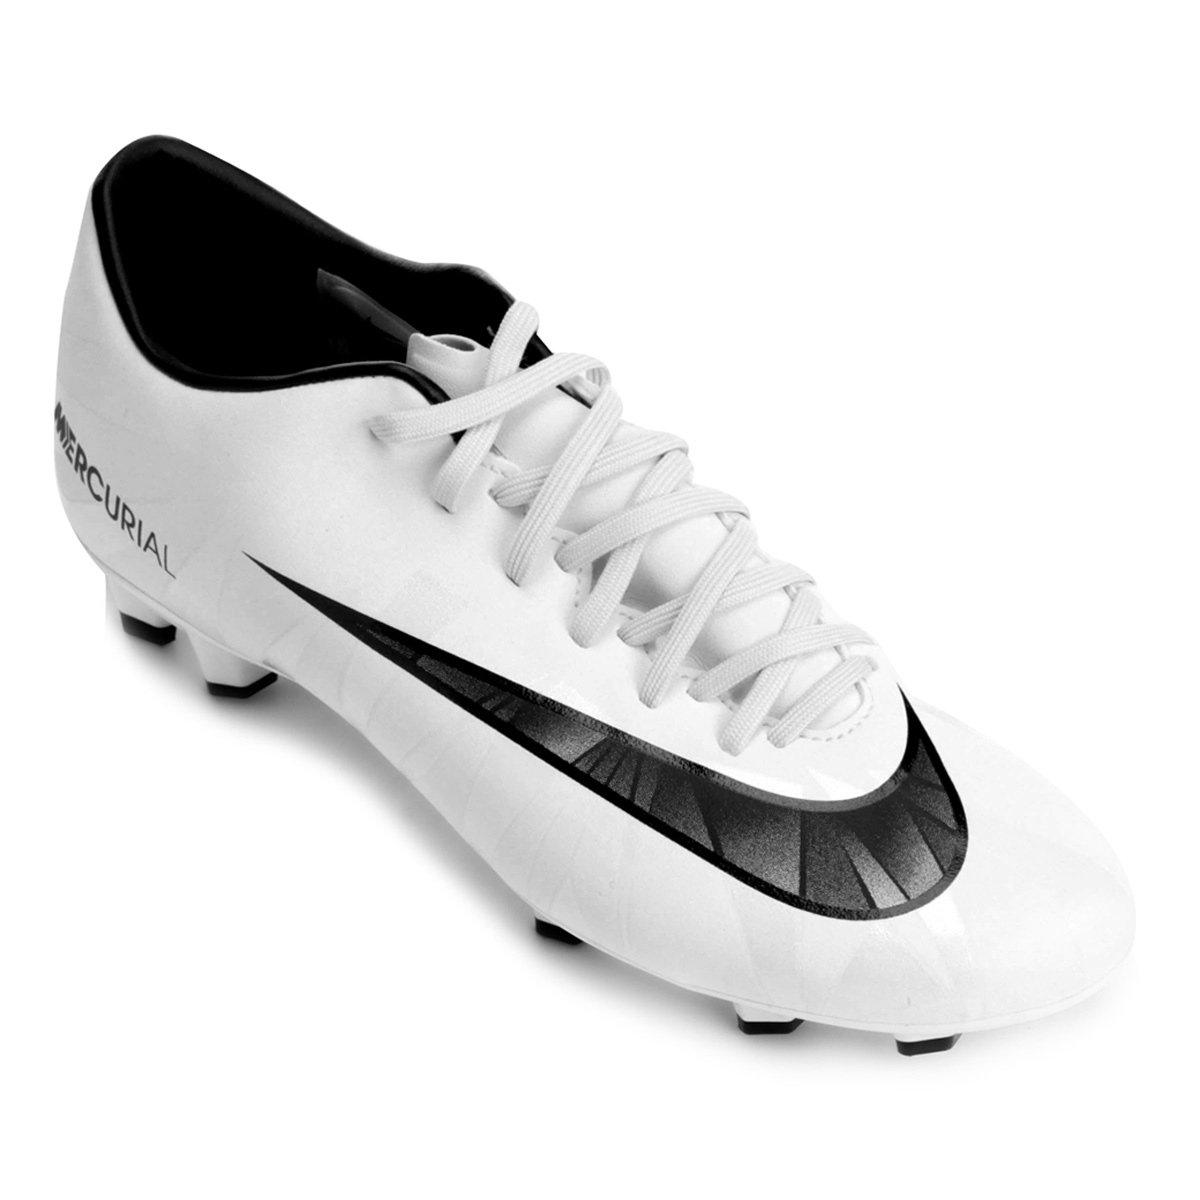 wholesale dealer 76592 8011e Chuteira Campo Nike Mercurial Victory 6 CR7 | Shop Timão